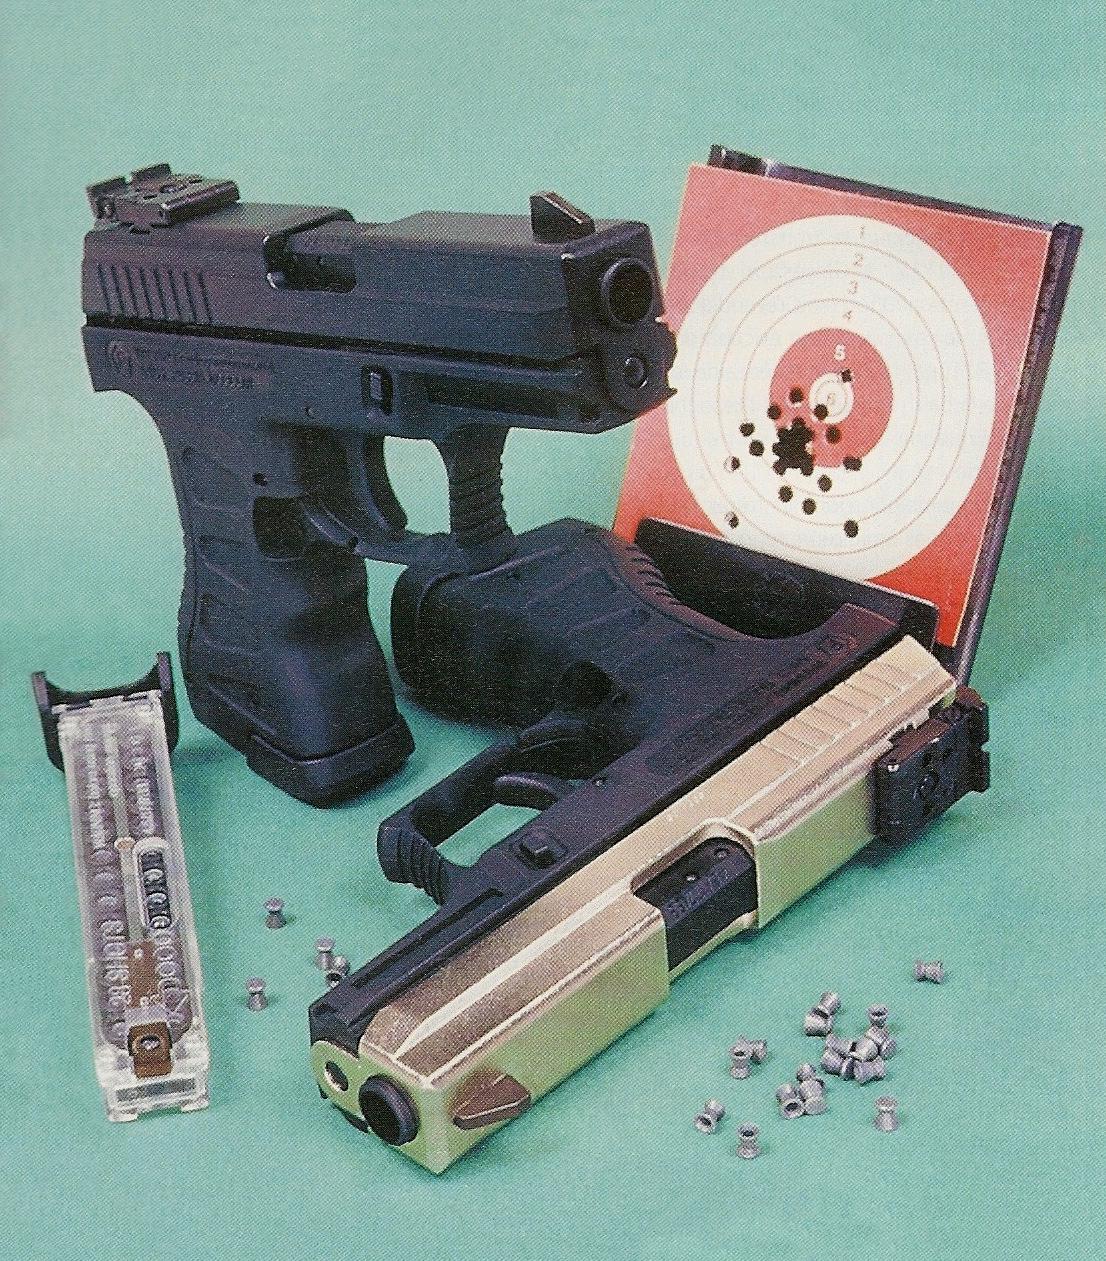 Bien qu'il ne constitue pas la réplique d'un modèle existant, ce pistolet à CO2 présente des caractéristiques équivalentes à celles des pistolets de combat de gros calibre au niveau de l'aspect, du poids, de la prise en mains et des différentes commandes. Il est proposé en deux versions, noire ou bicolore, qui diffèrent uniquement par le traitement extérieur de la glissière.